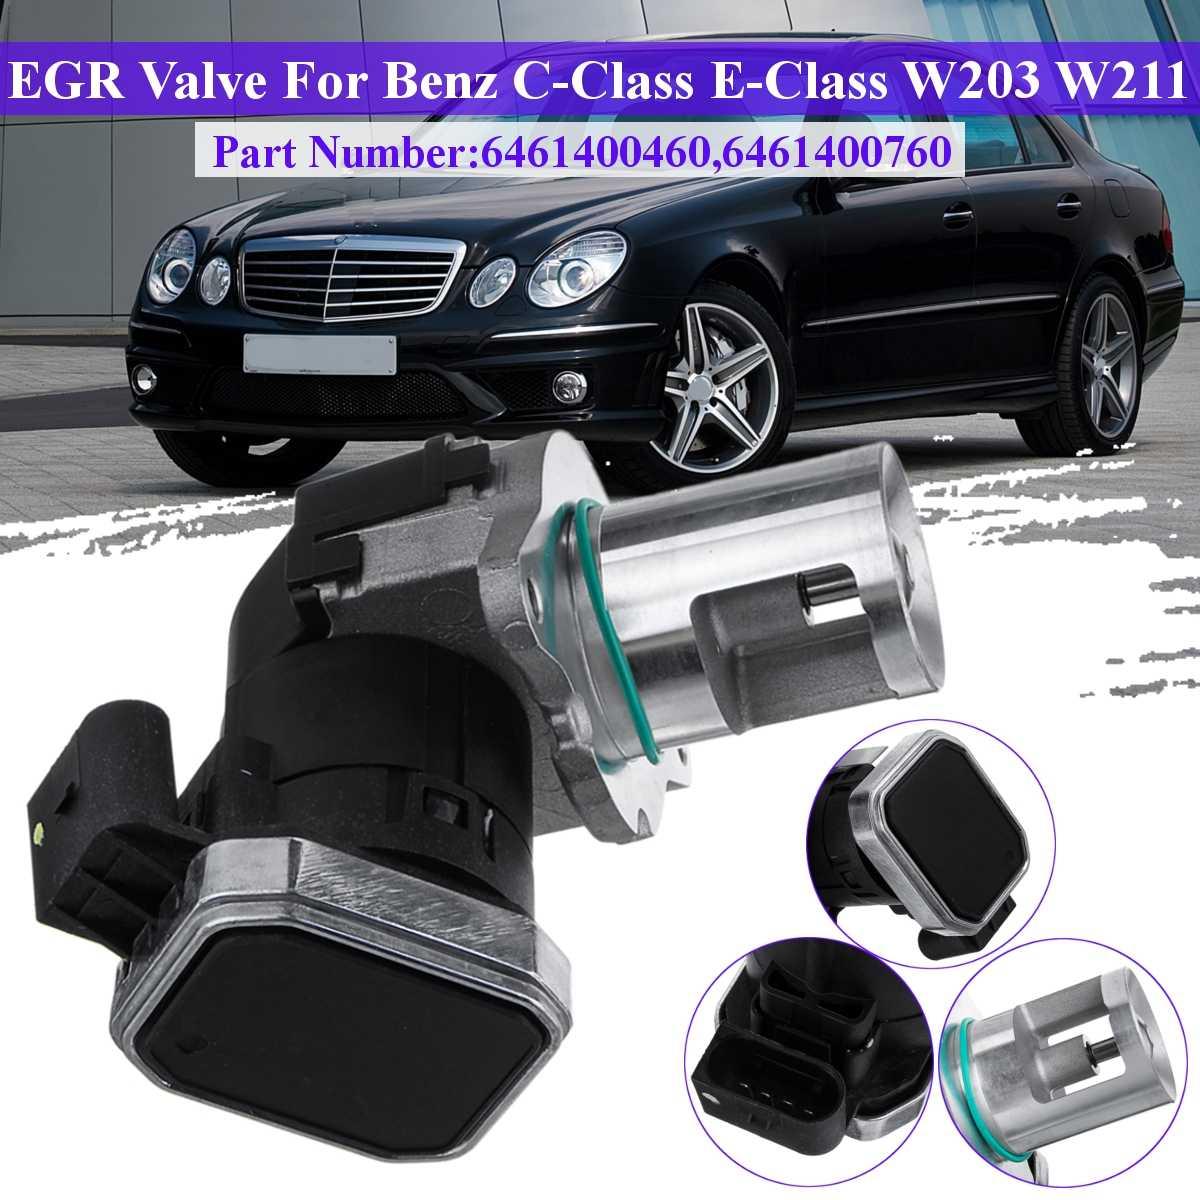 Samochód zawór recyrkulacji spalin zawór EGR dla Mercedes klasa C klasy E CLK W203 W211 S203 #6461400460 6461400760 akcesoria